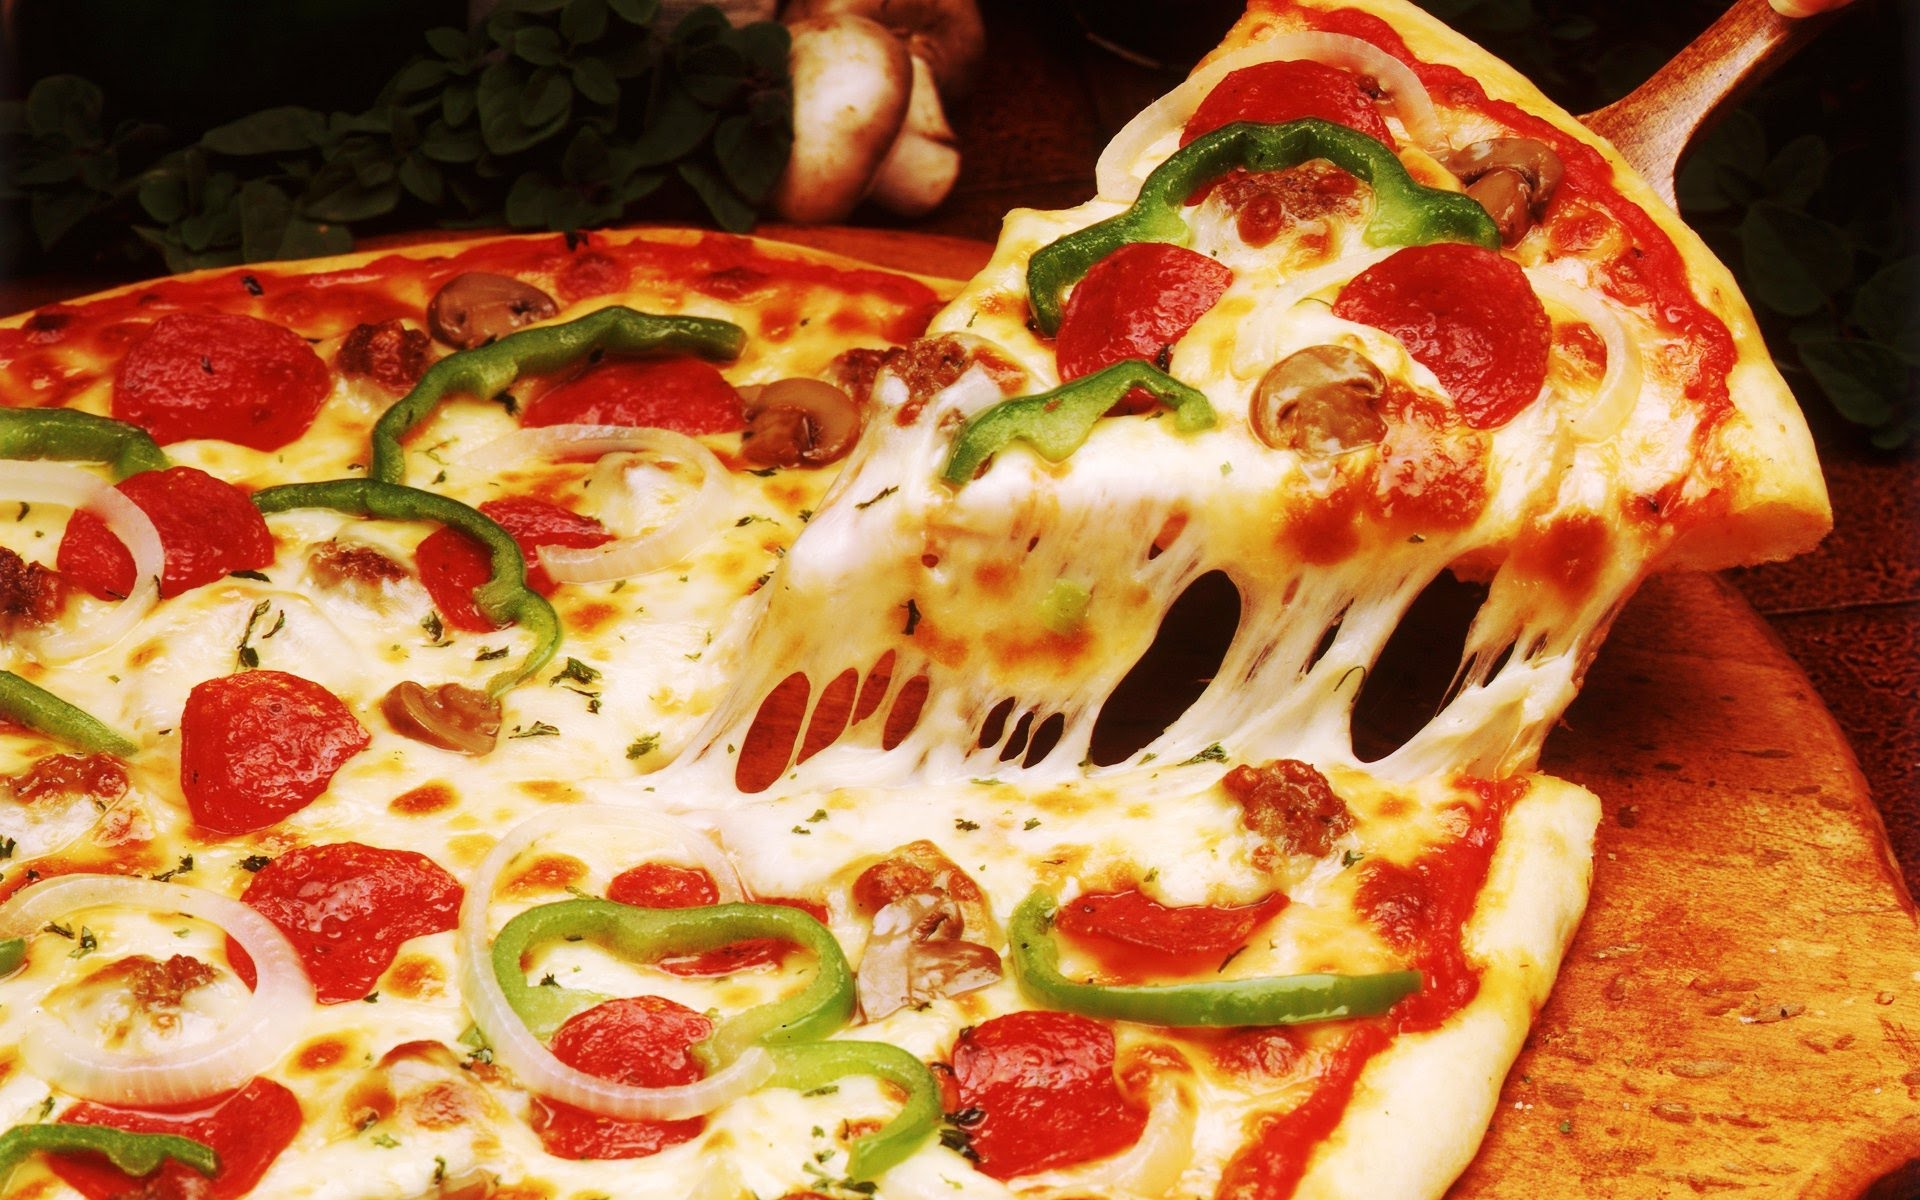 Comendo uma pizza pode ajudar natalenses a fazerem um filme